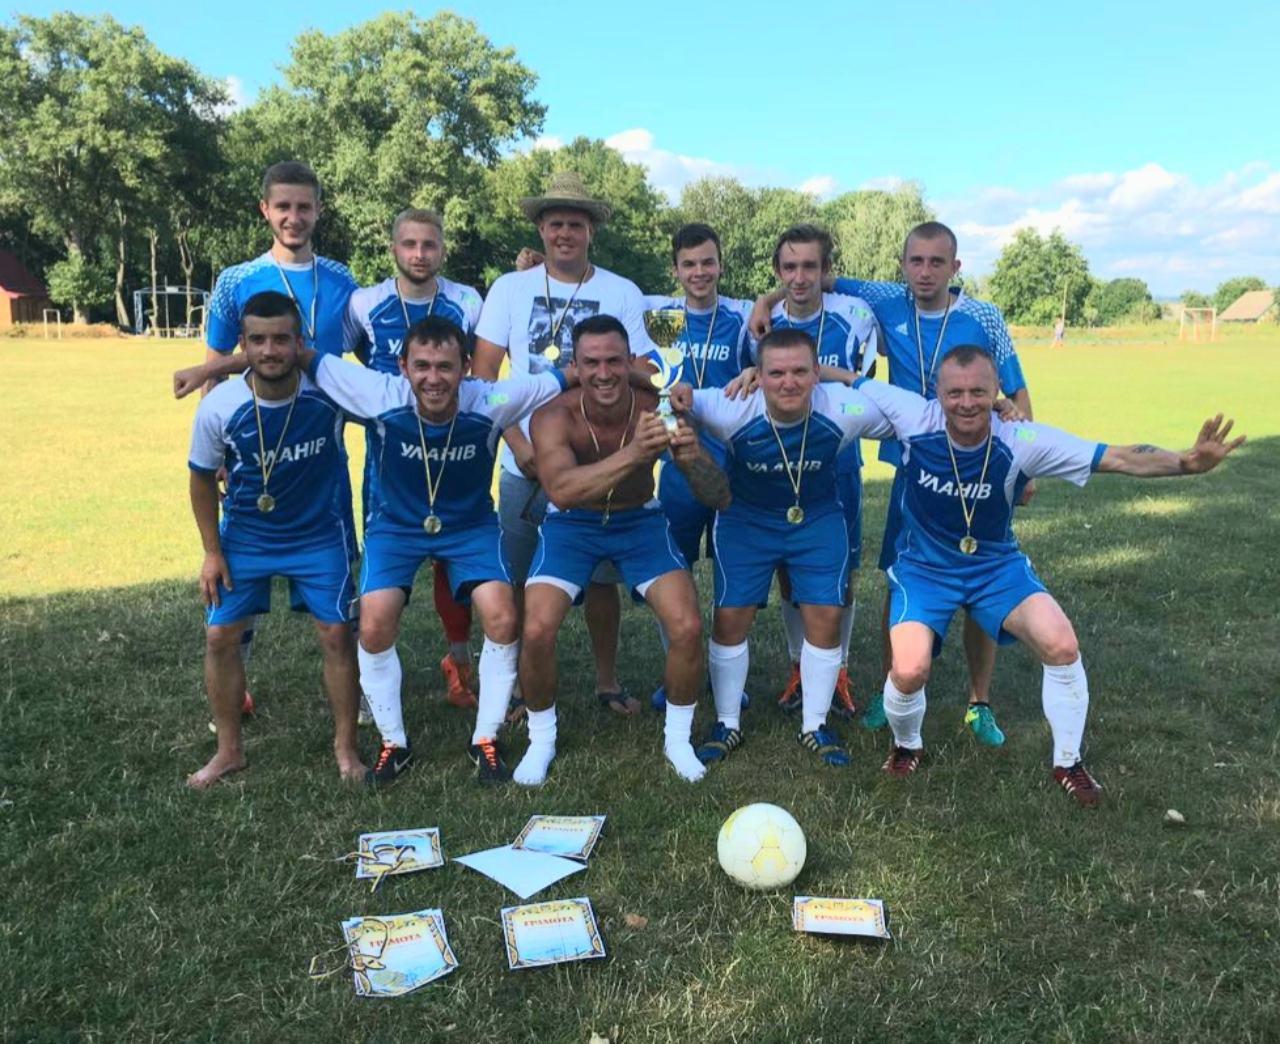 Гравці з Уланова вже вдруге перемогли у районній першості сільських команд з малого футболу